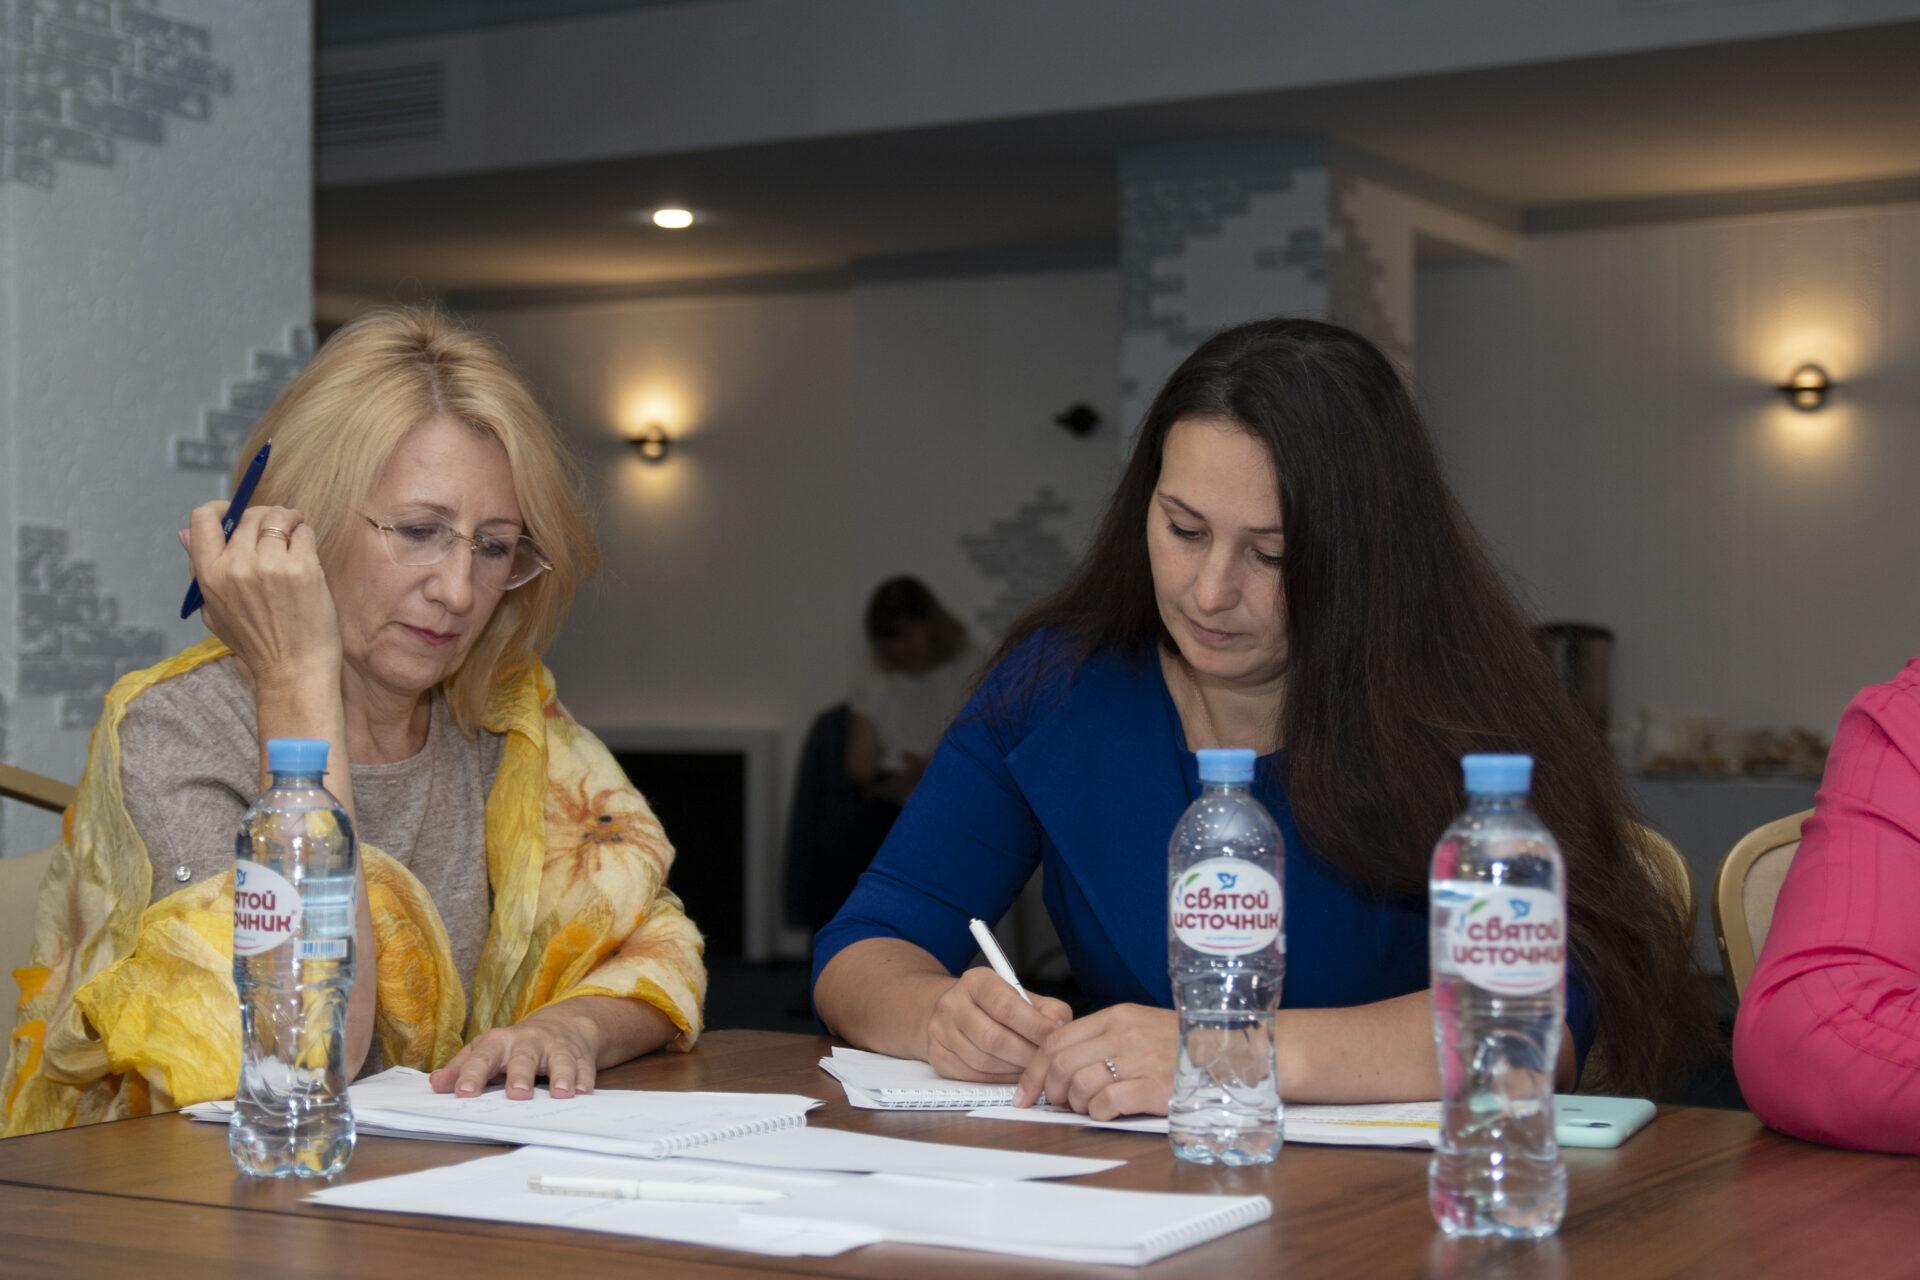 Комиссия рассмотрела 1850 заявок на гранты СОТ 2021: эксперт Наталья Шадрина